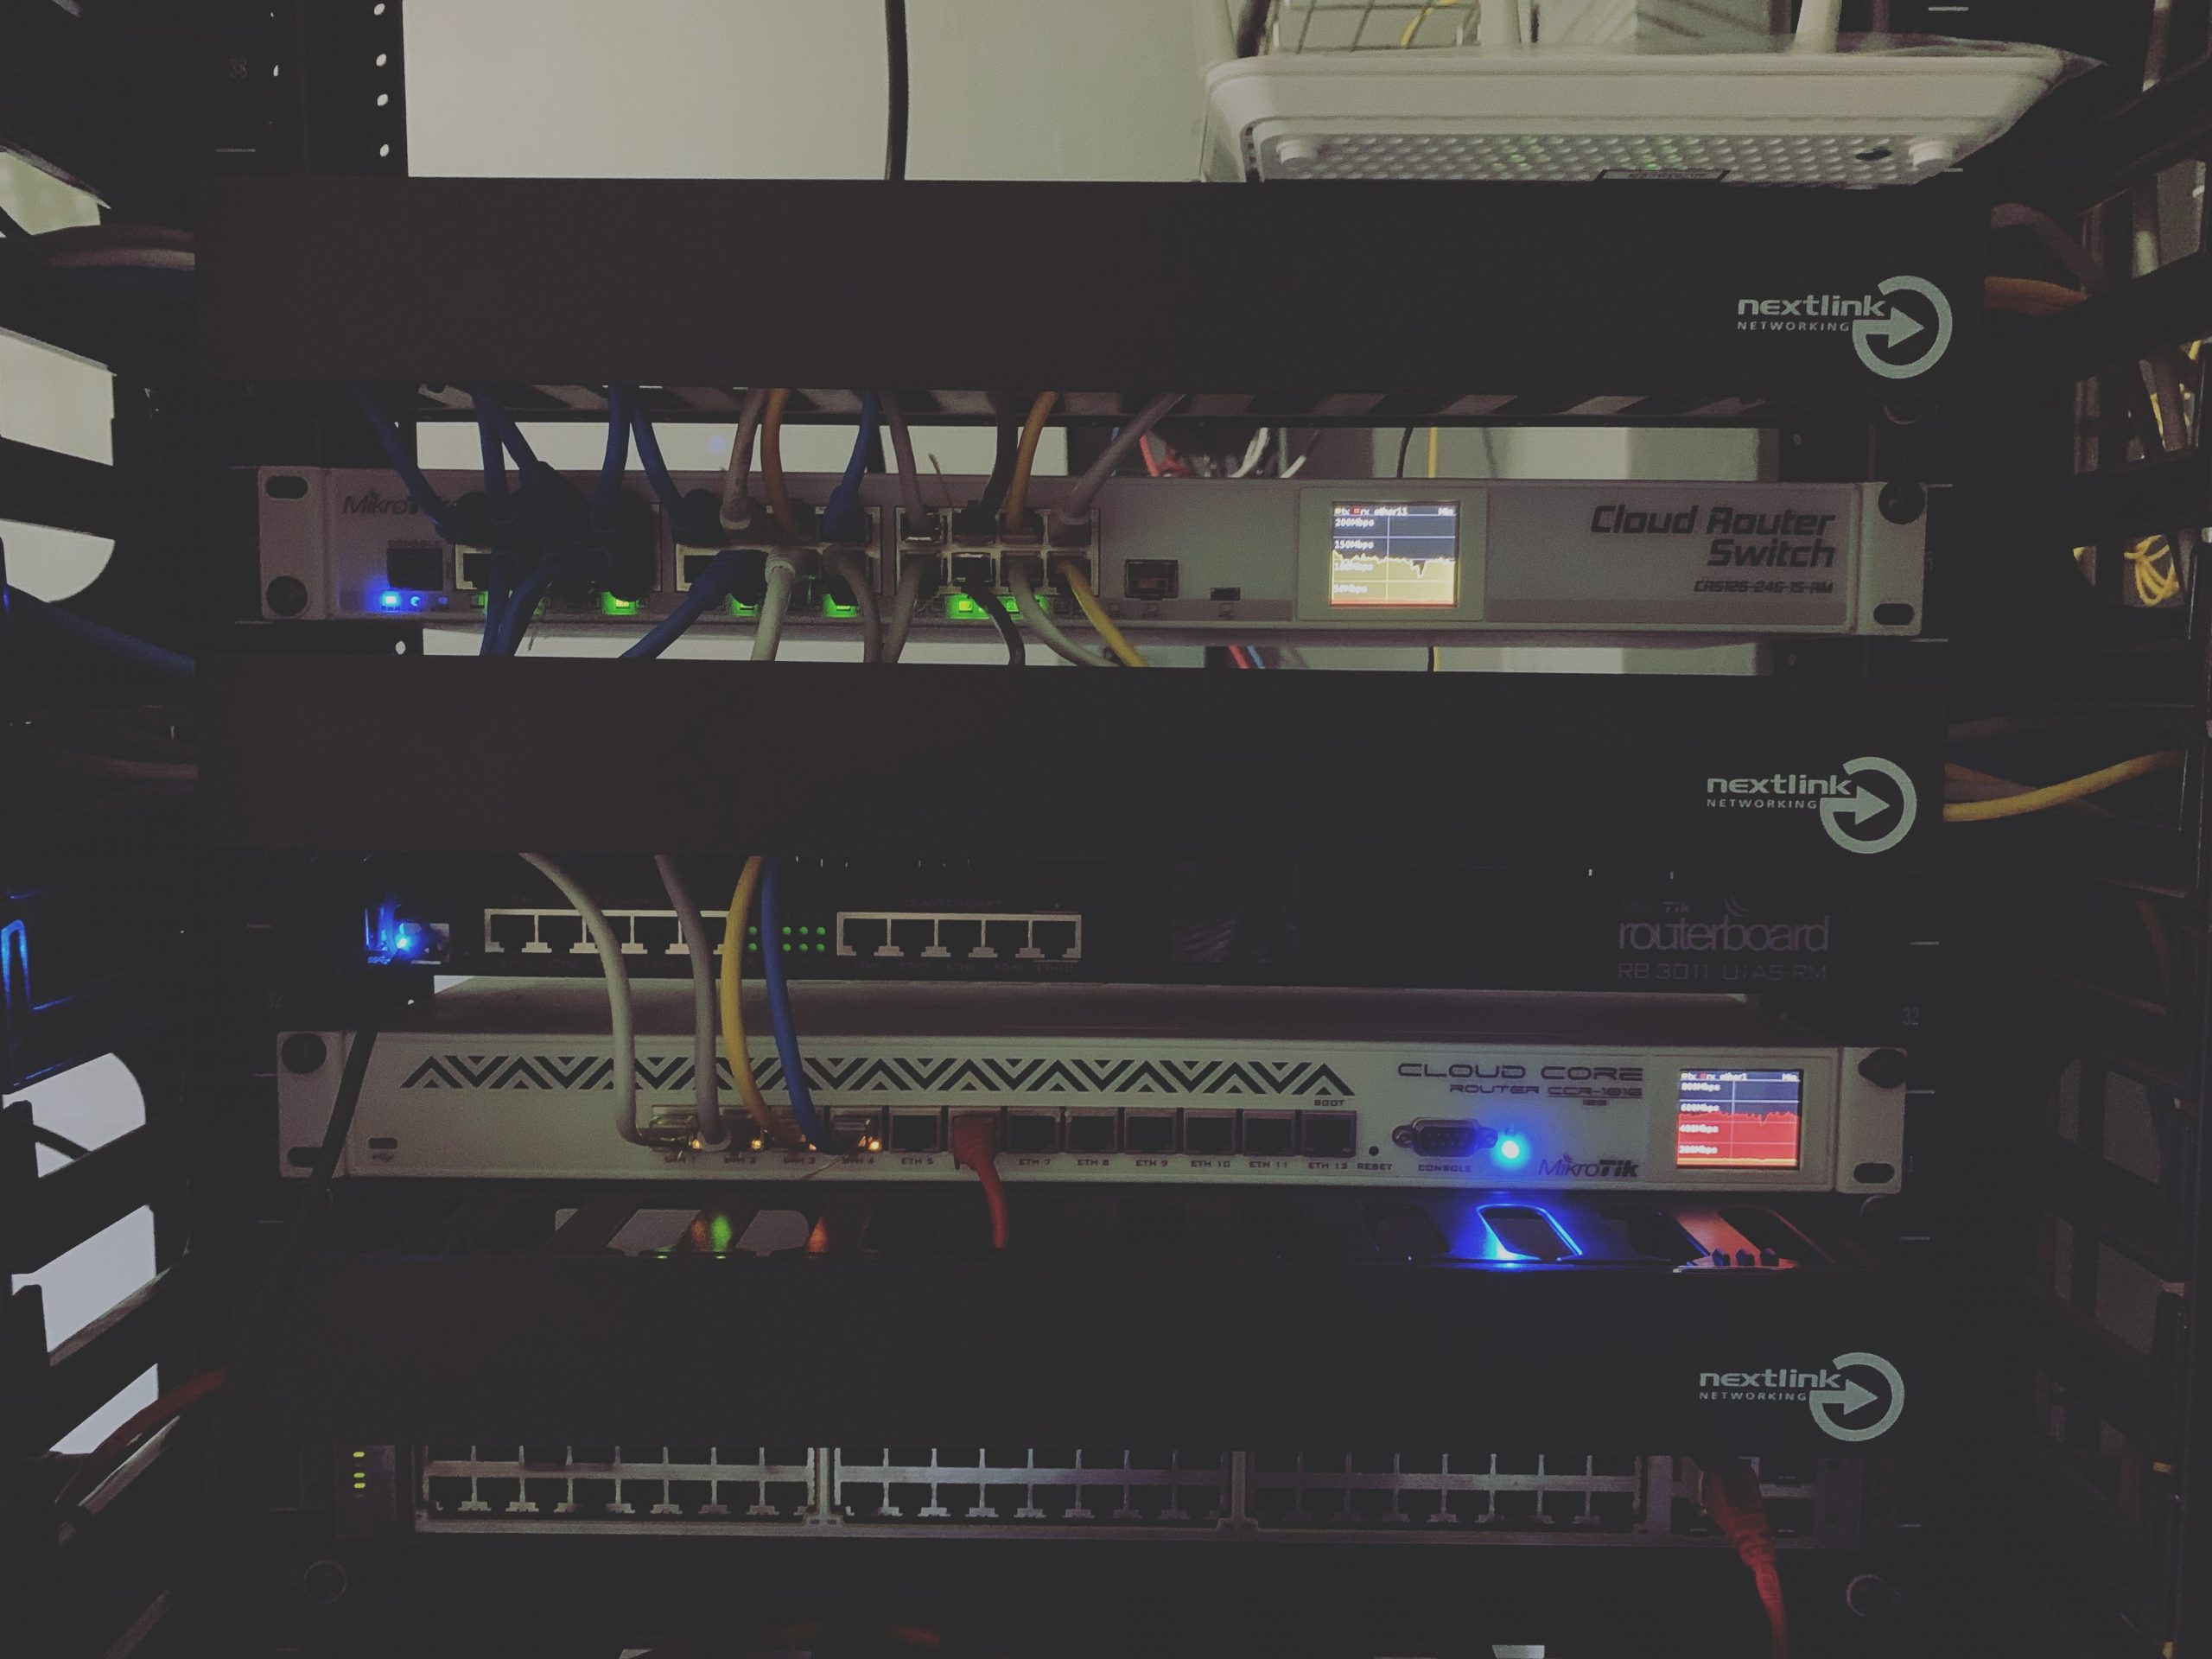 Soporte técnico a redes